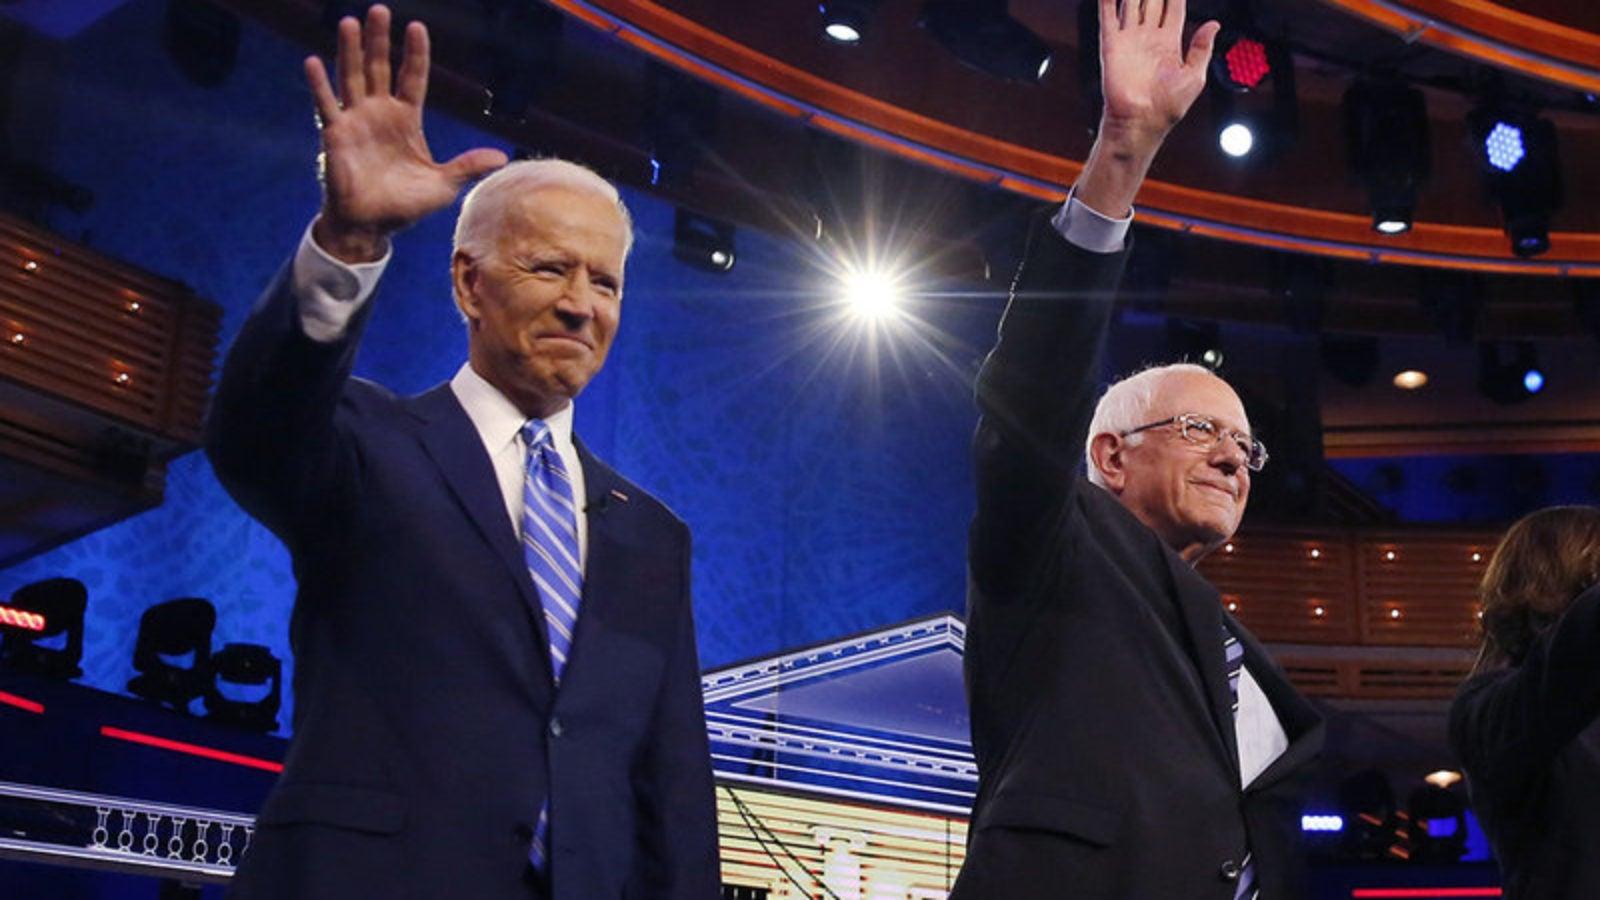 Joe Biden and Bernie Sanders on a debate stage wave at the audience.